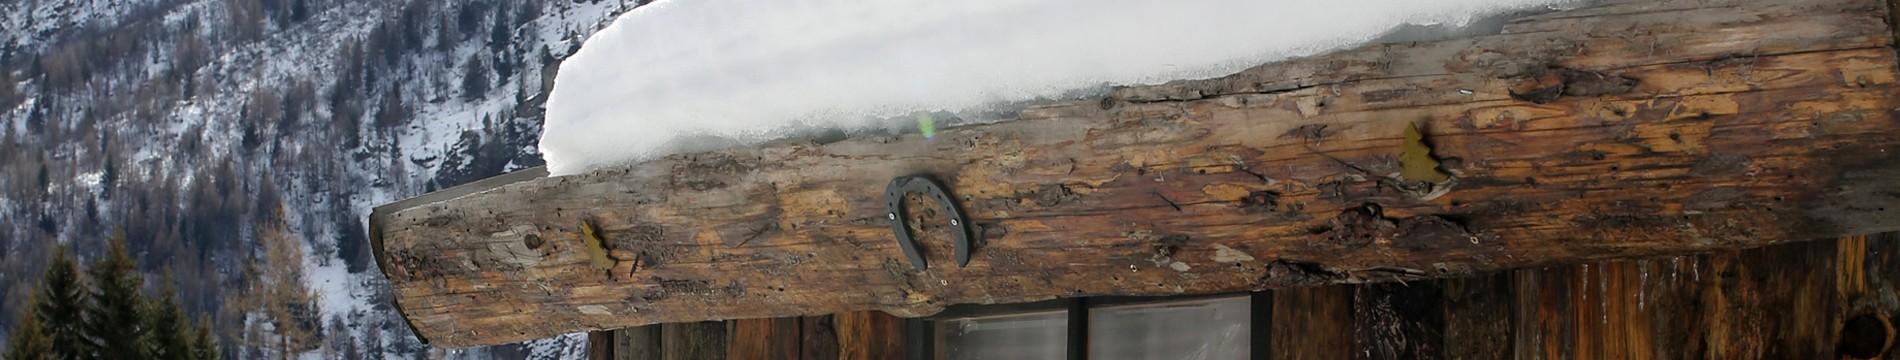 tetiere-ingenie-hiver-21-7215